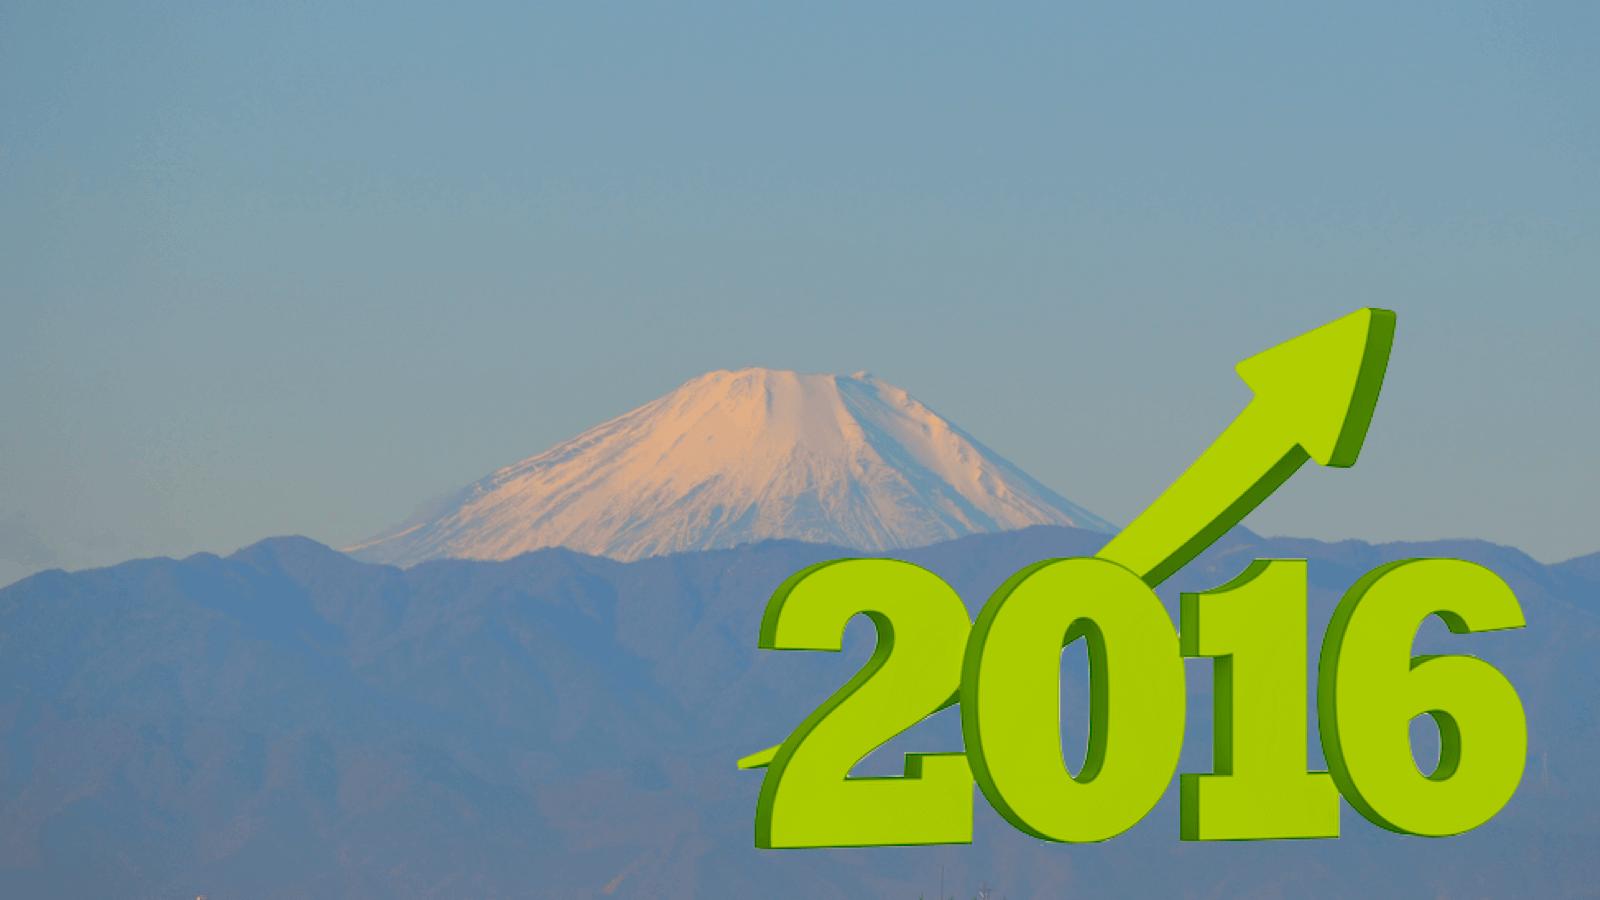 MtFuji1600x900-2016